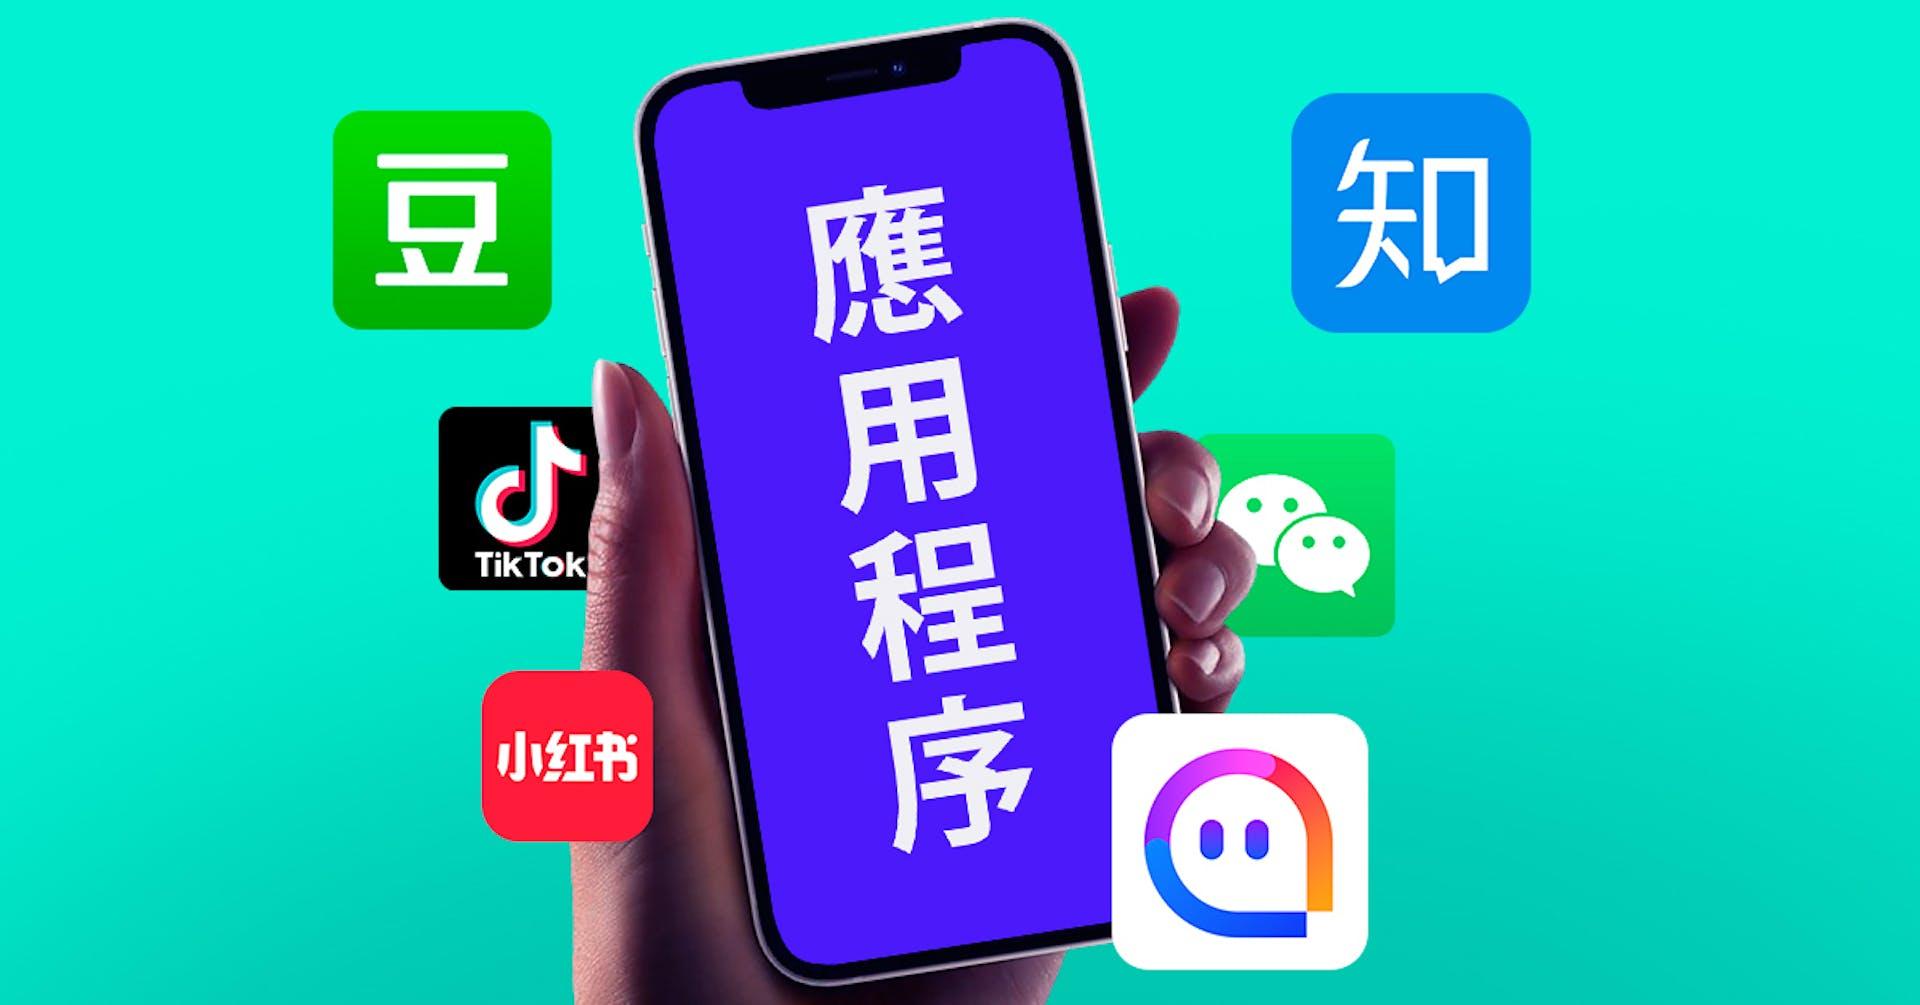 ¿Conoces las principales redes sociales en China? Lleva tu negocio al mercado chino